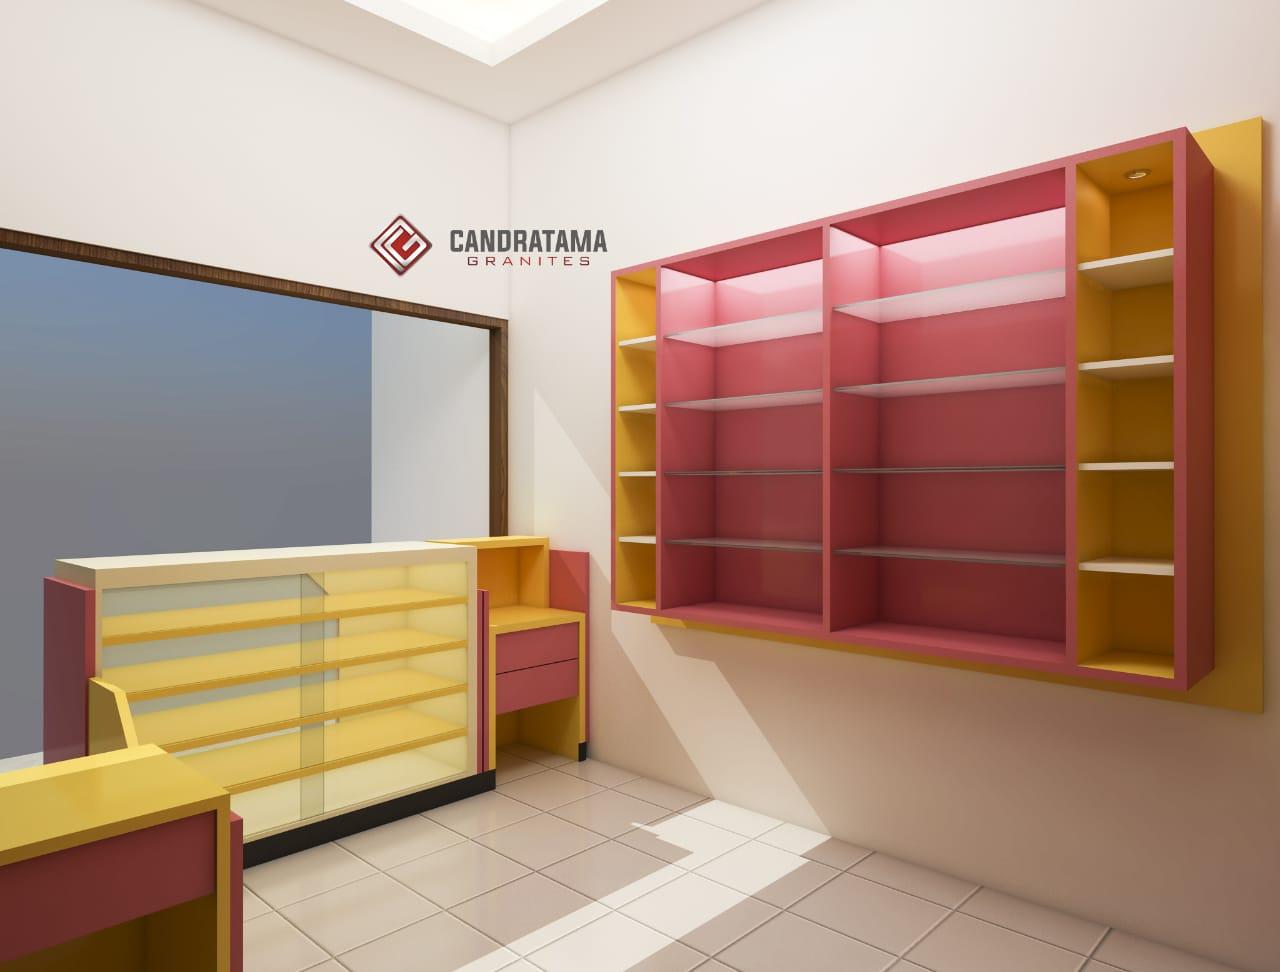 Desain Interior Apotek Modern Dan Minimalis Desain interior apotek minimalis